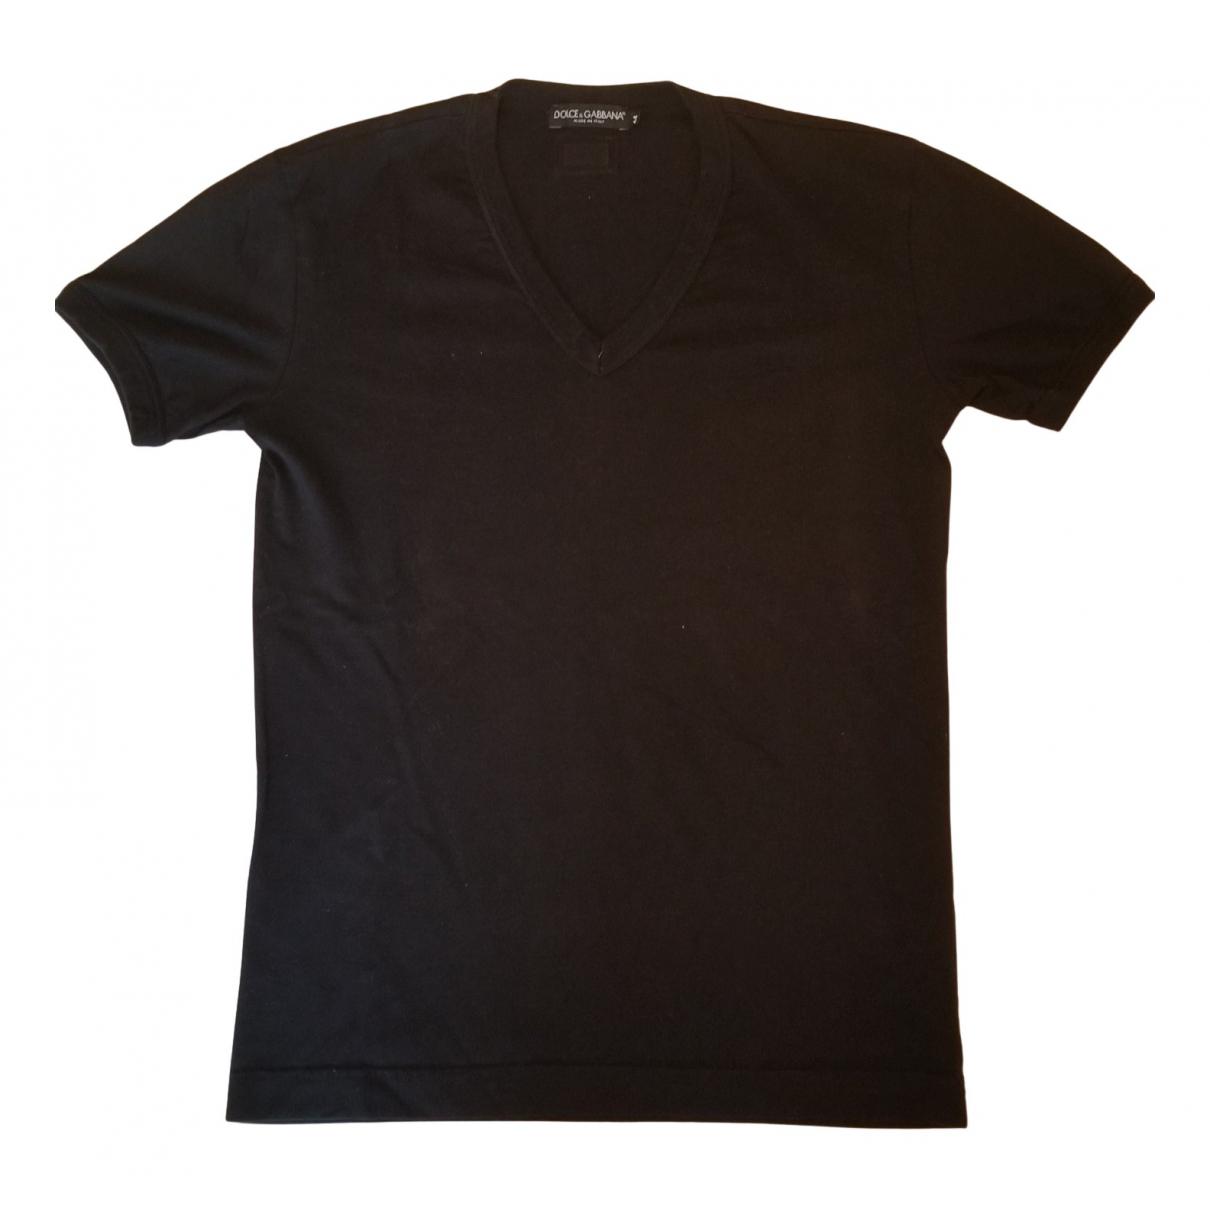 Dolce & Gabbana - Tee shirts   pour homme en coton - noir